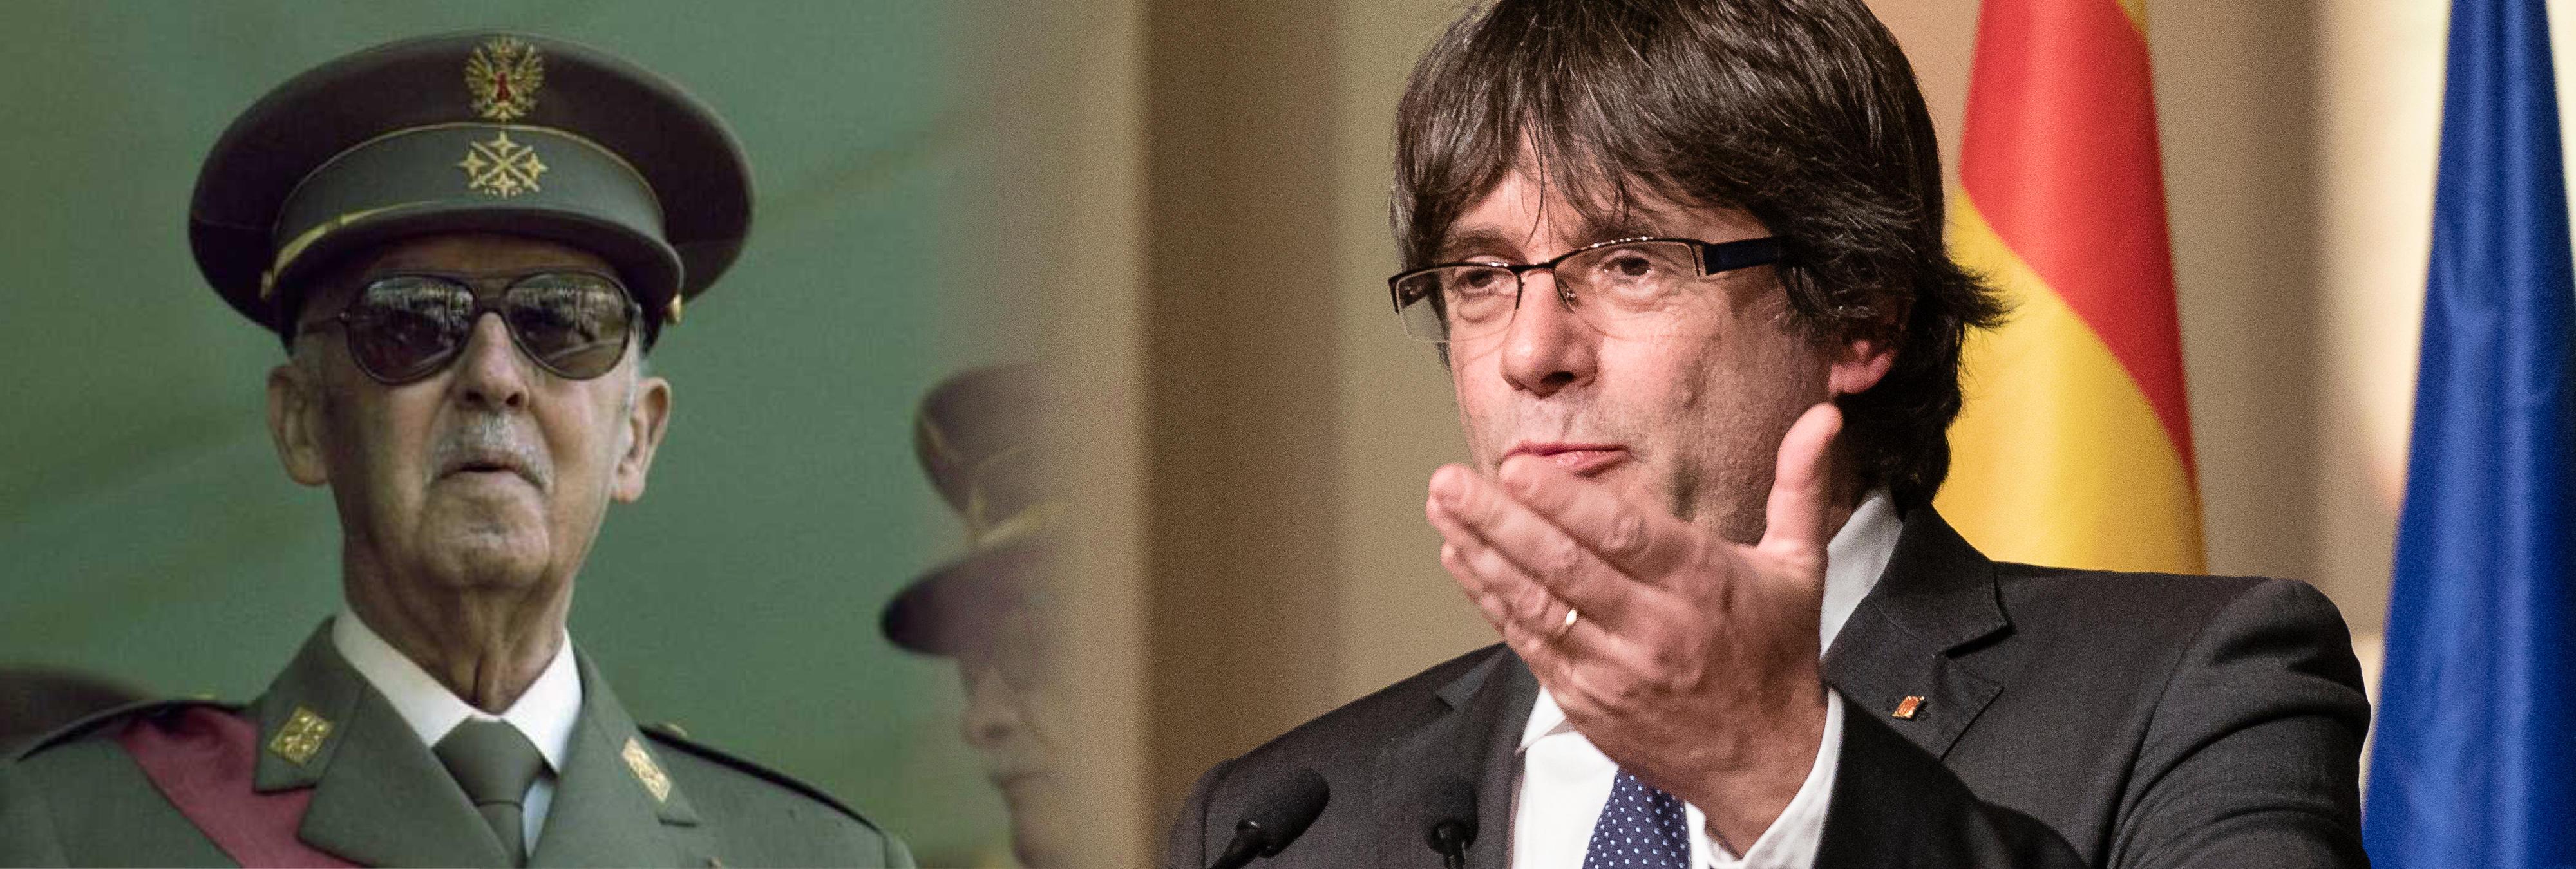 Puigdemont denuncia que se siga homenajeando a Franco en un monumento pagado con dinero público